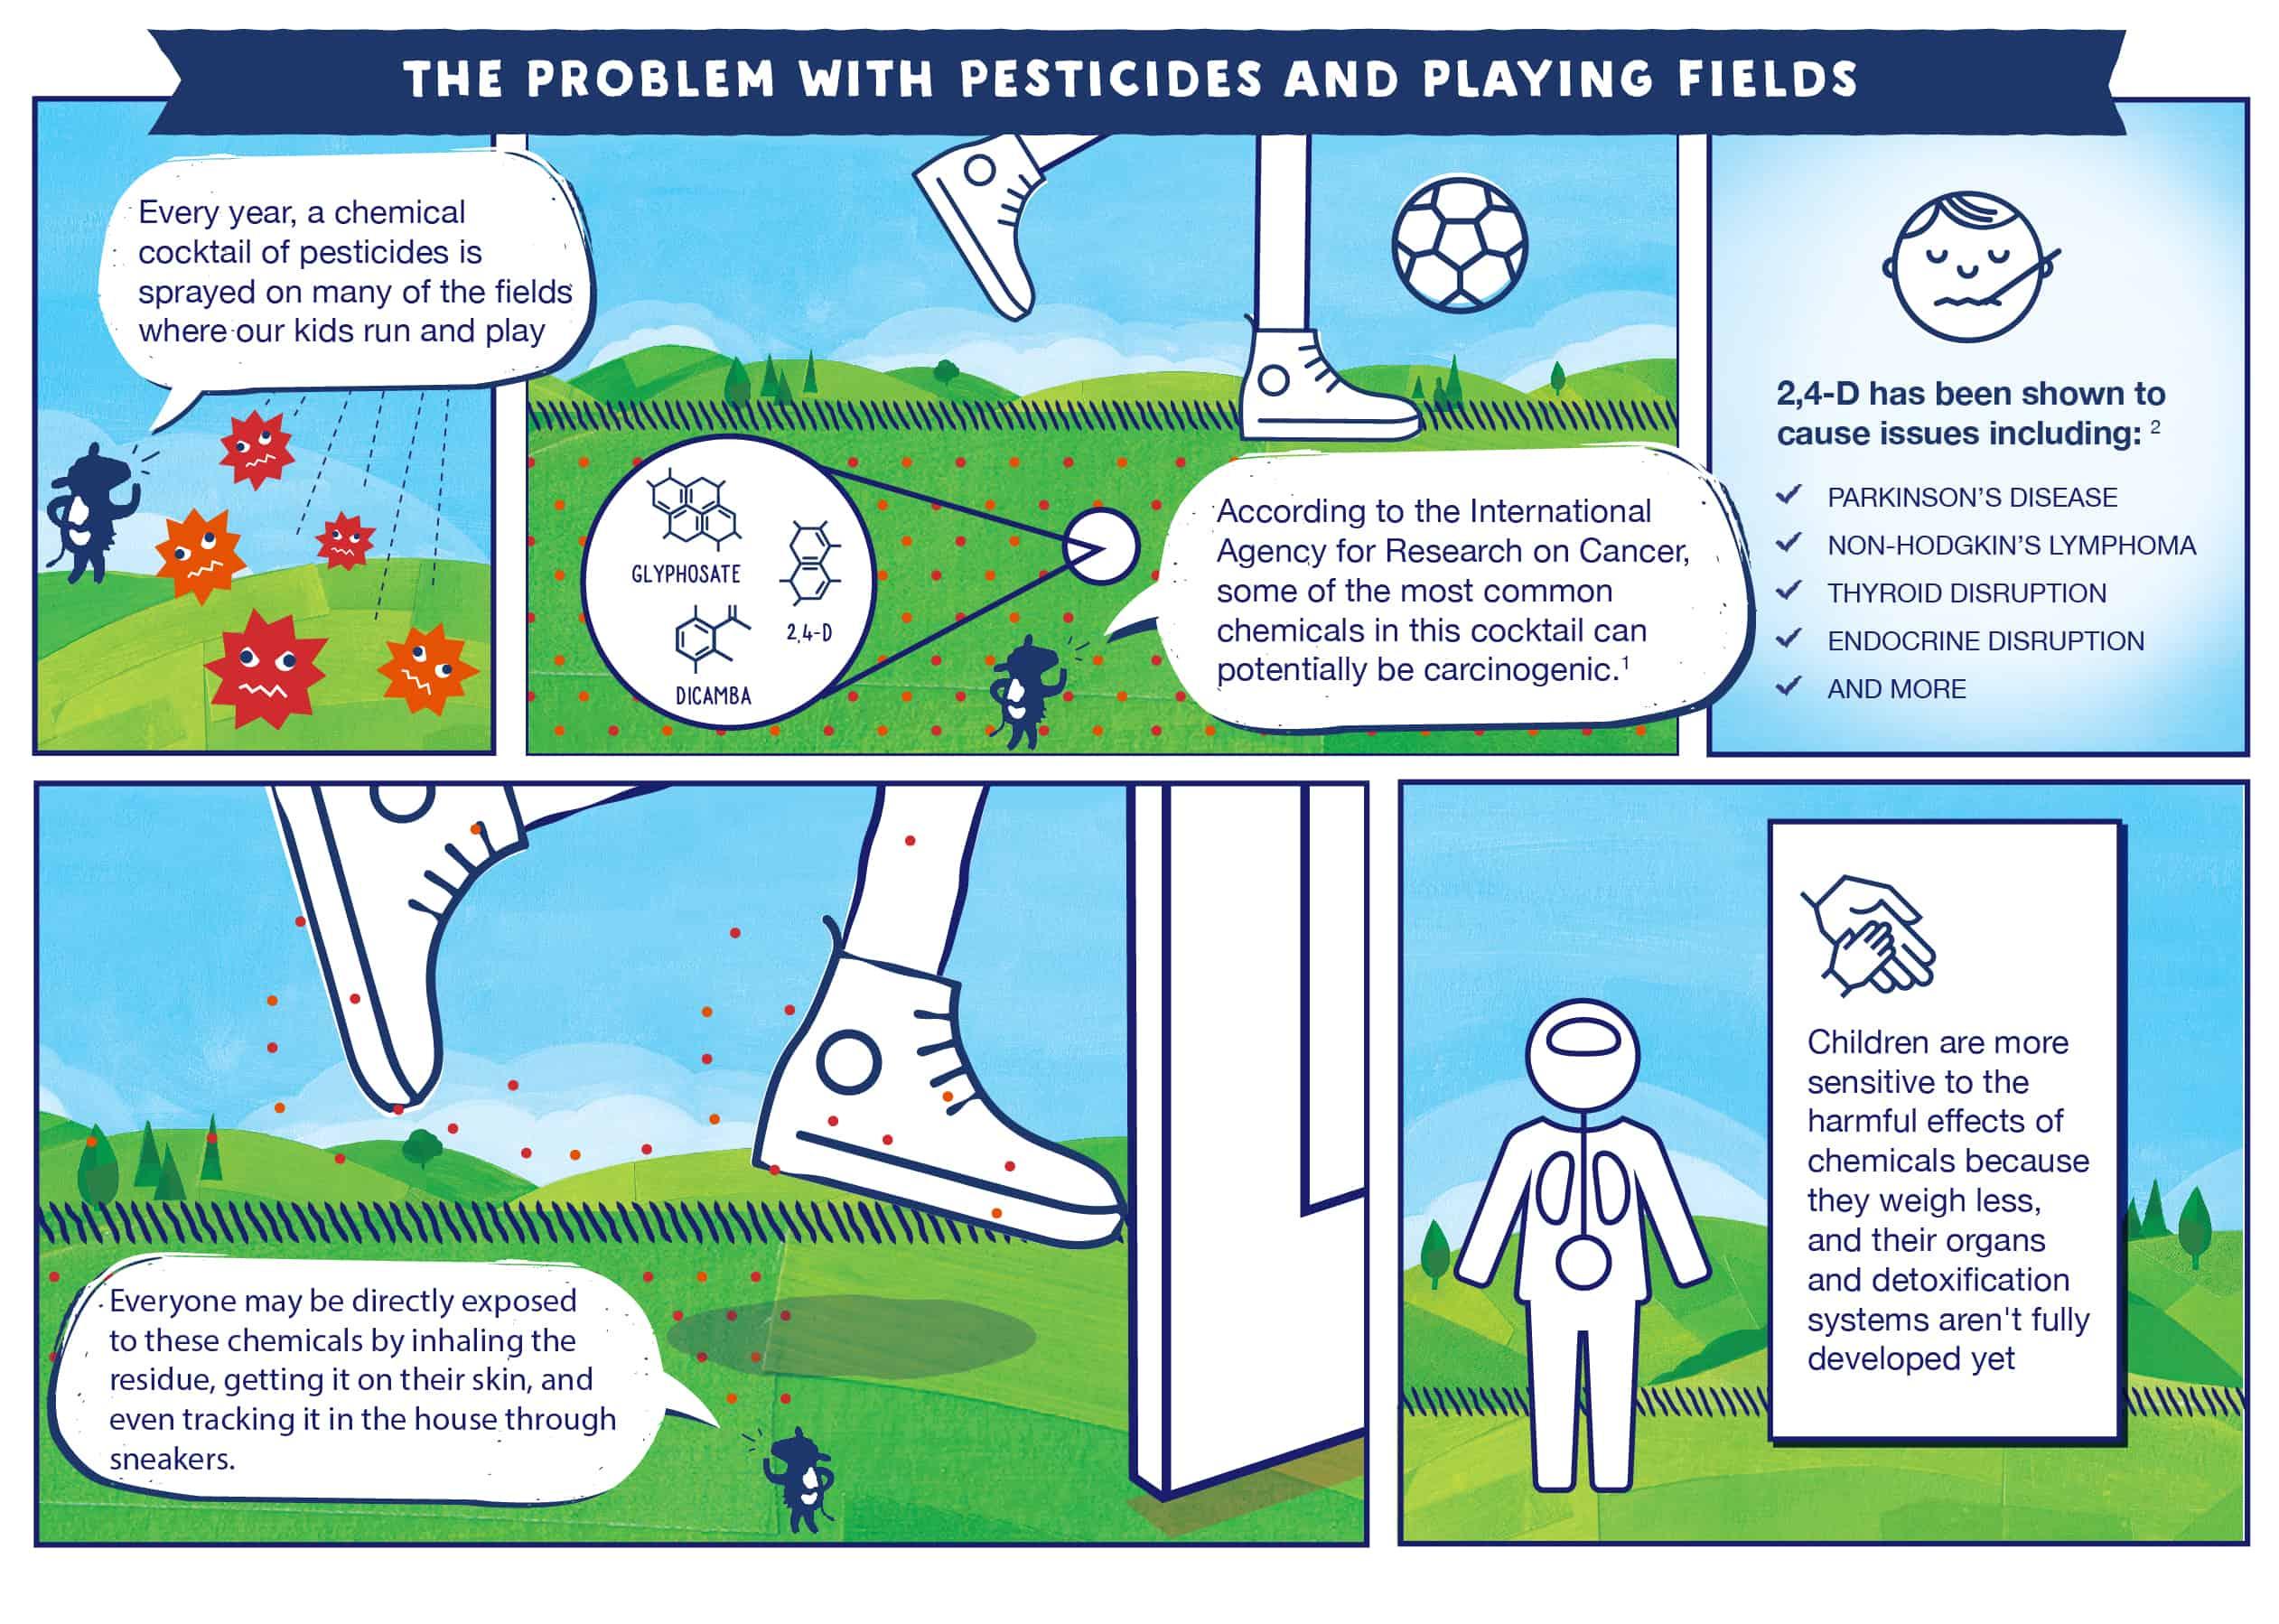 stonyfield warns against pesticides around children's fields